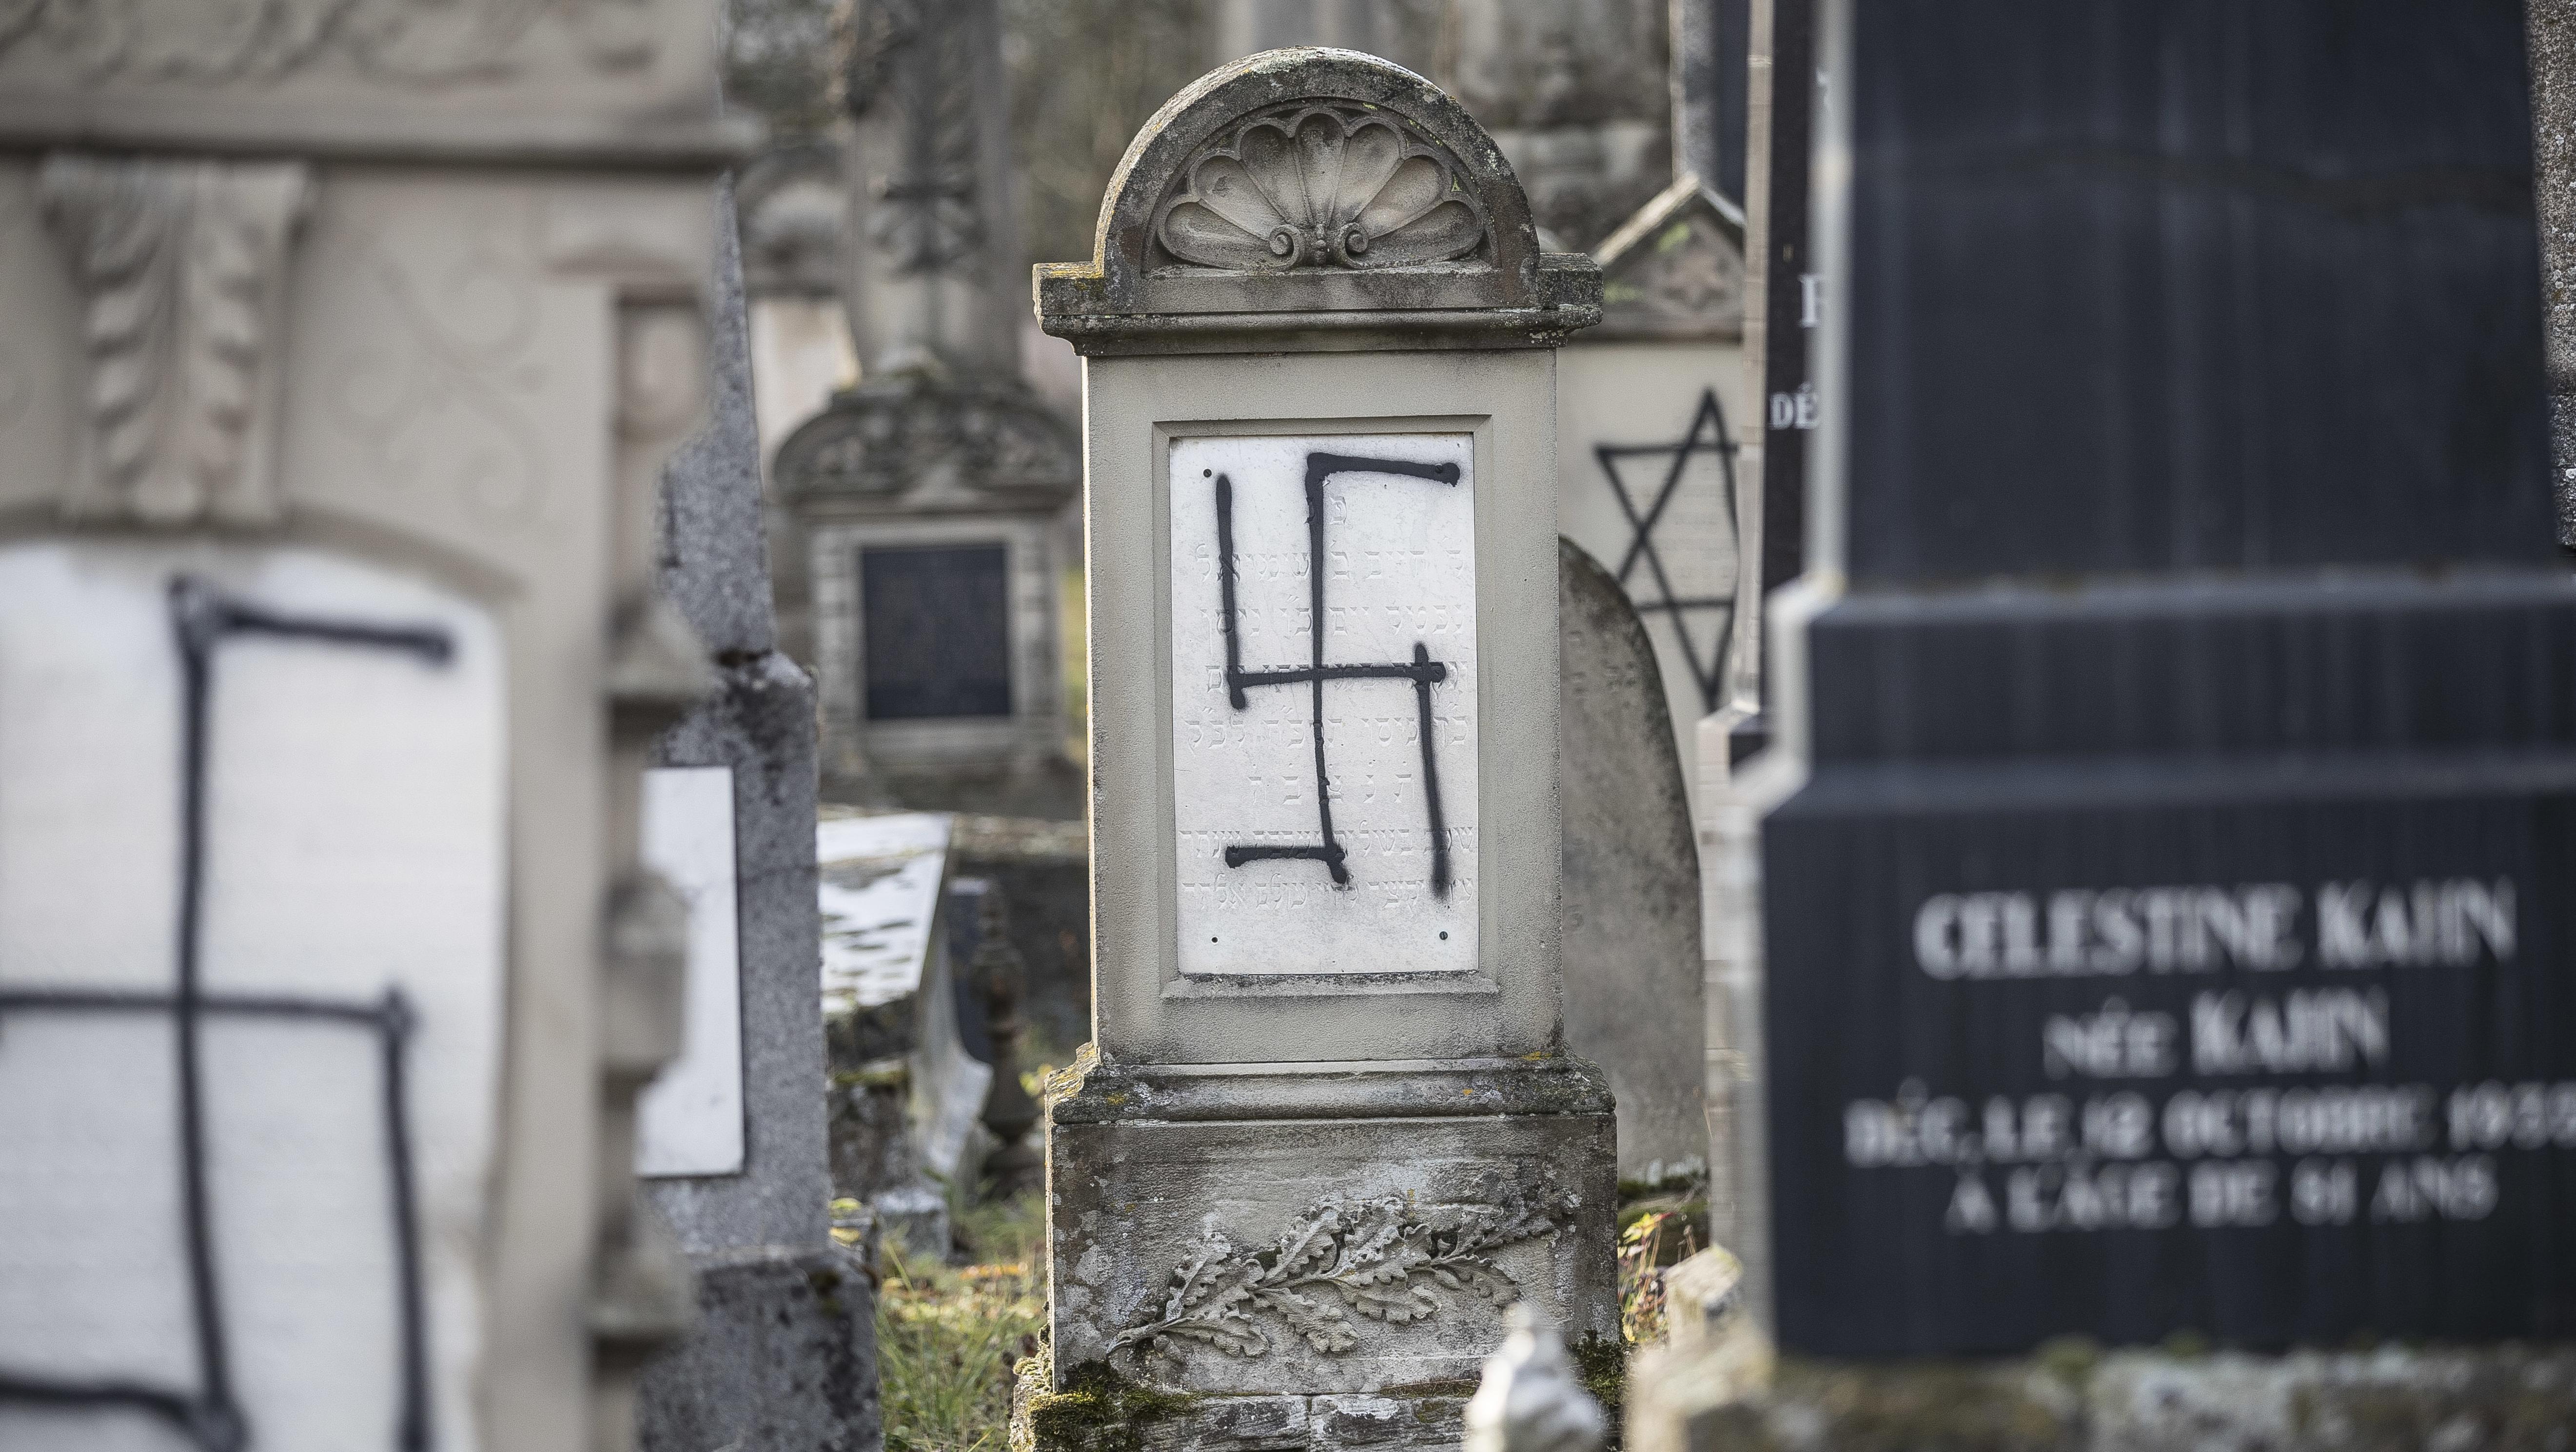 Krasses Beispiel für Antisemitismus. Friedhof von Herrlisheim bei Straßburg im Elsass. Hier wurden Grabsteine mit Hakenkreuzen beschmiert.